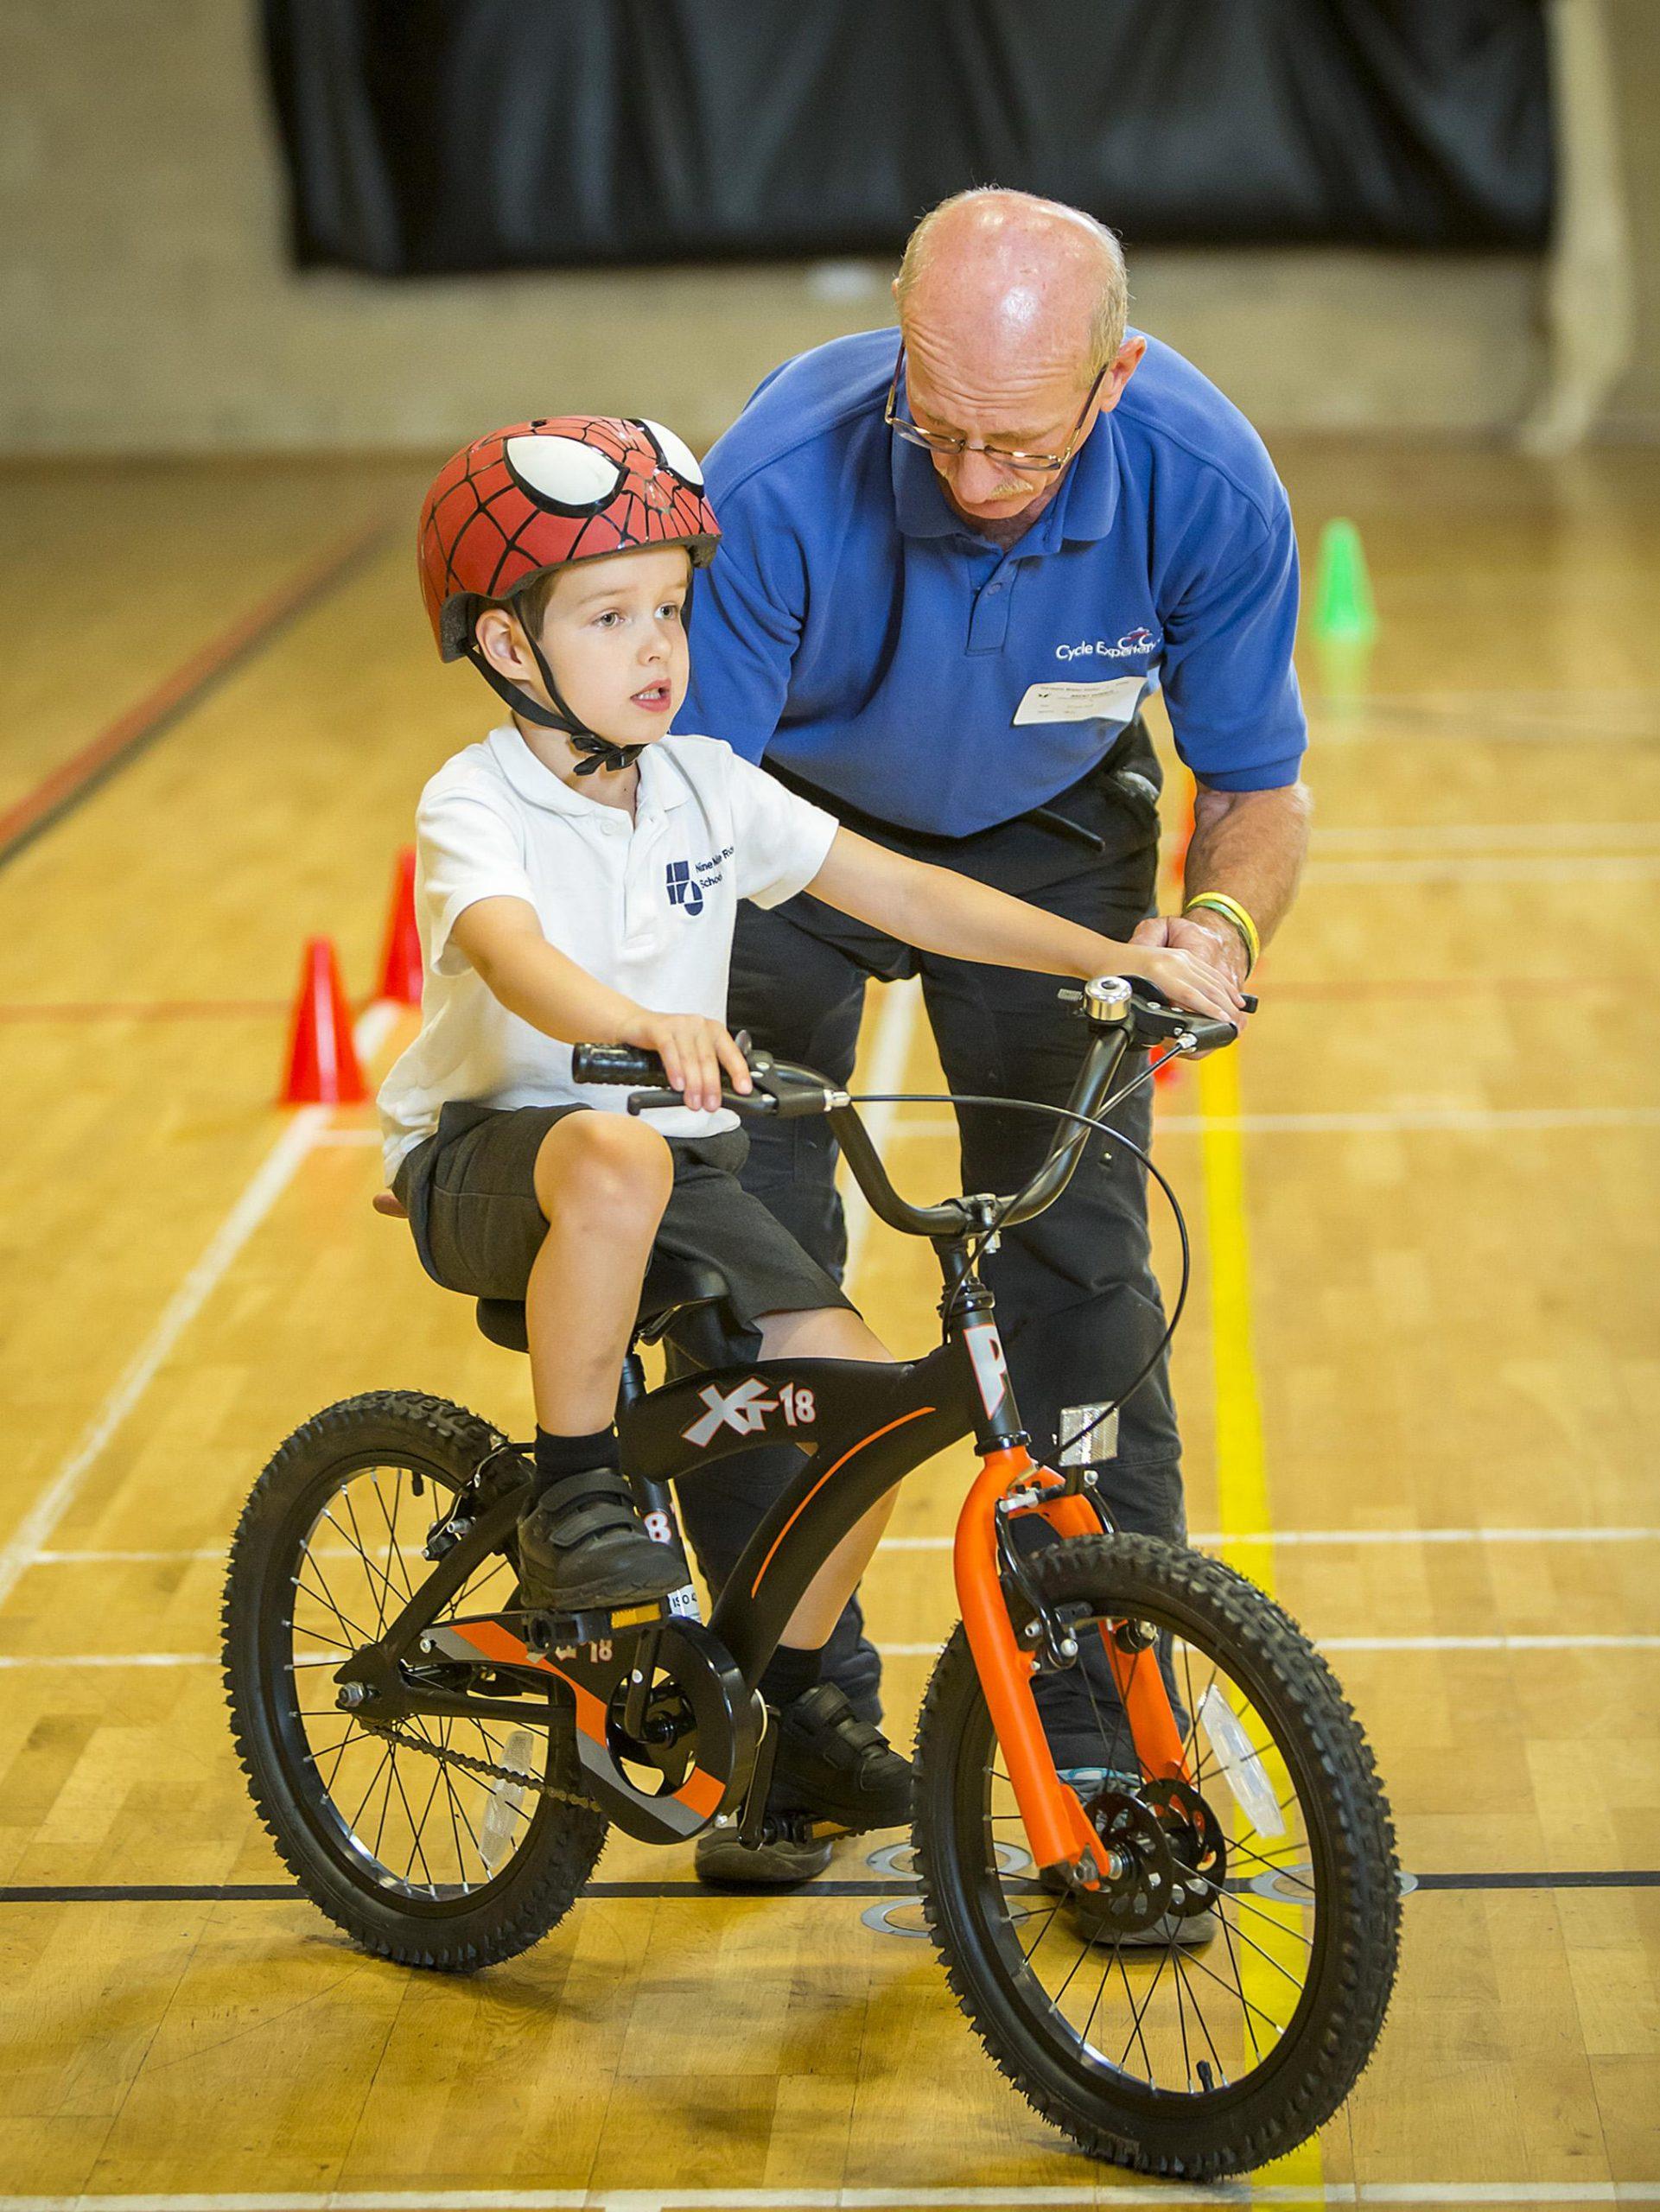 A man teaches a boy how to ride a bike